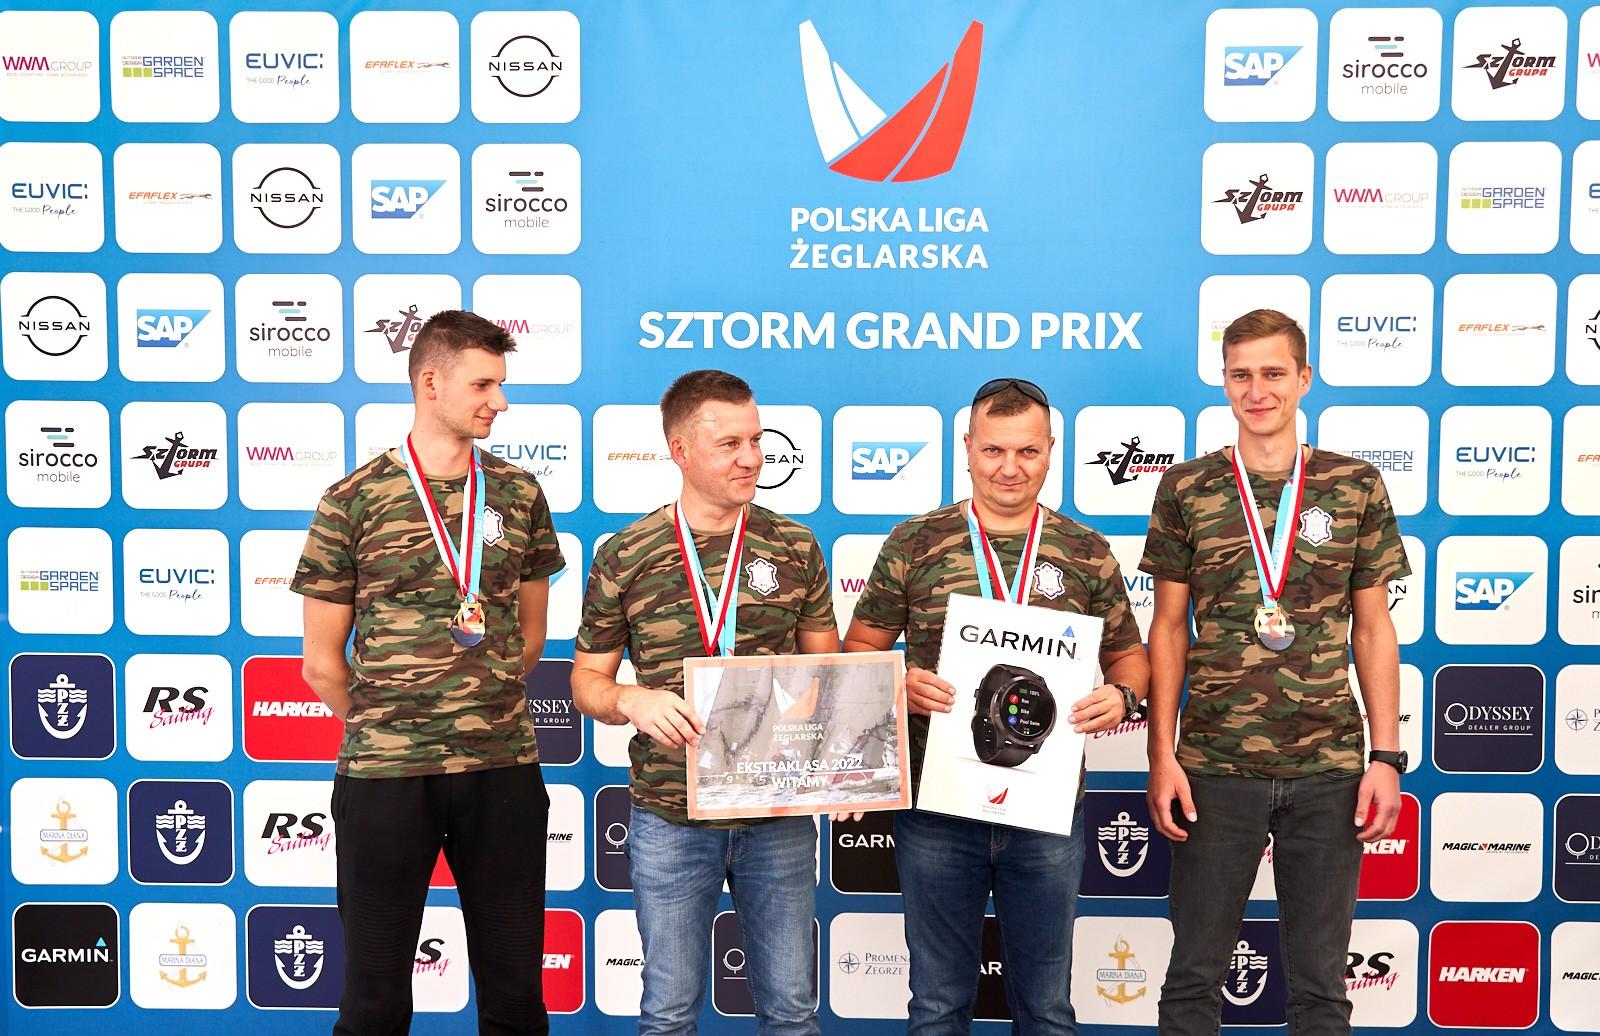 Wojskowa Akademia Techniczna wygrywa 1 Ligę!